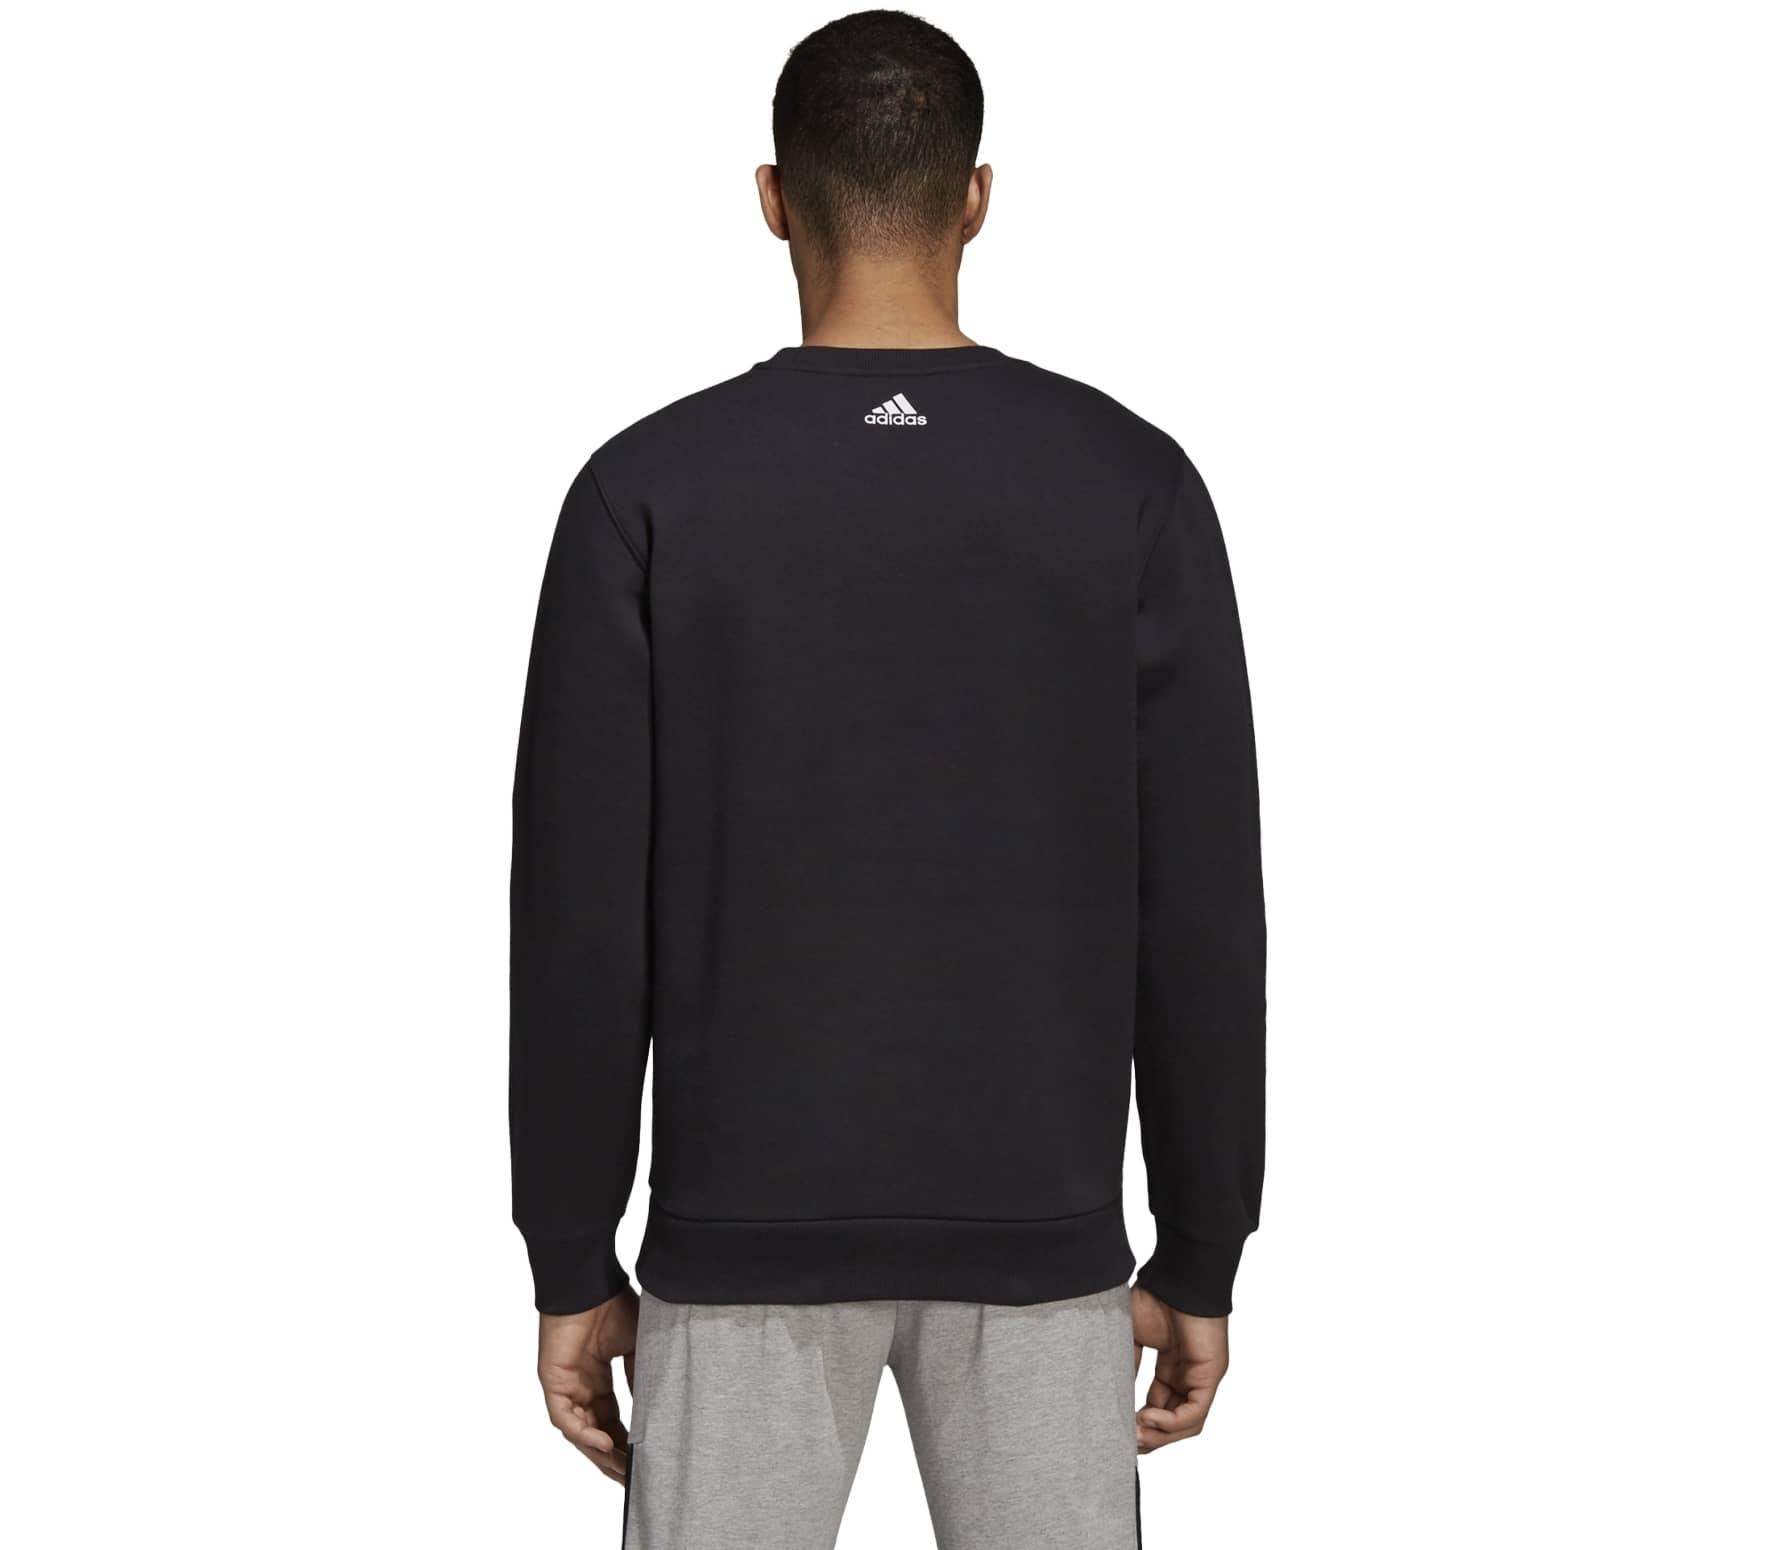 Allcap Acheter Adidas Sweat noir En Essential Crew Hommes Pour 00qwf5xr a5d9ce0c786